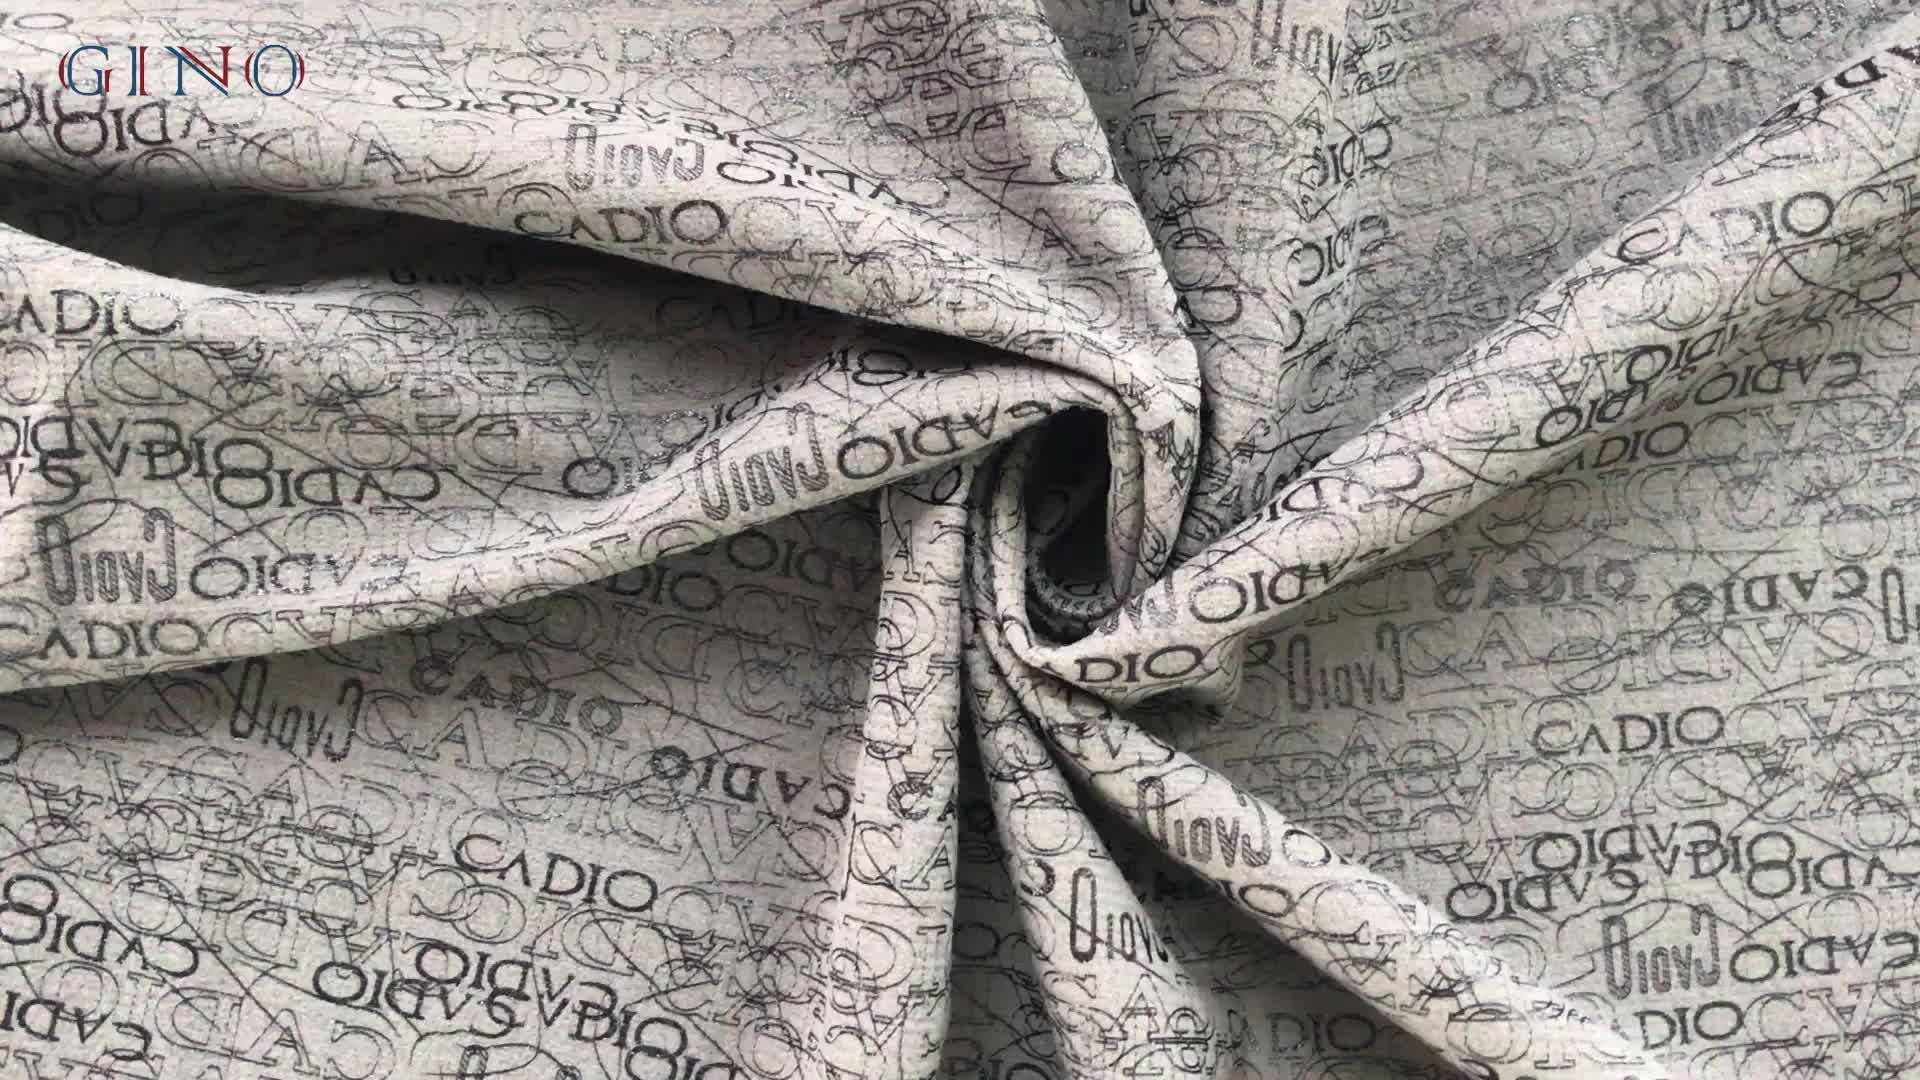 Tricot Jacquard शब्दों मुद्रित Velour मखमल कपड़े के लिए कार